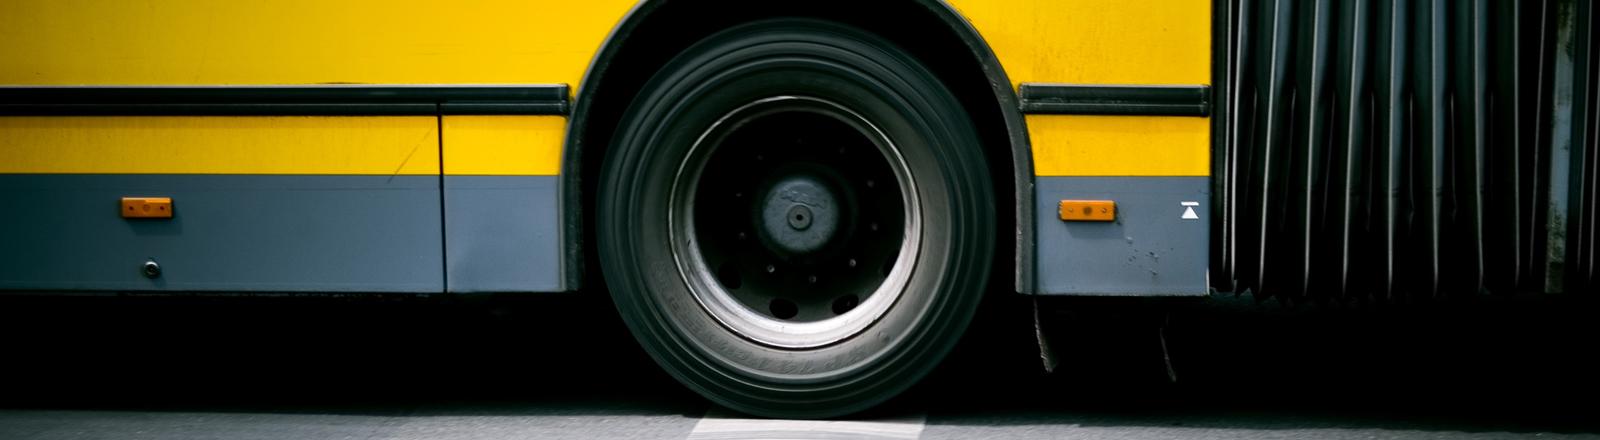 Ein gelber Bus steht auf der Straße.